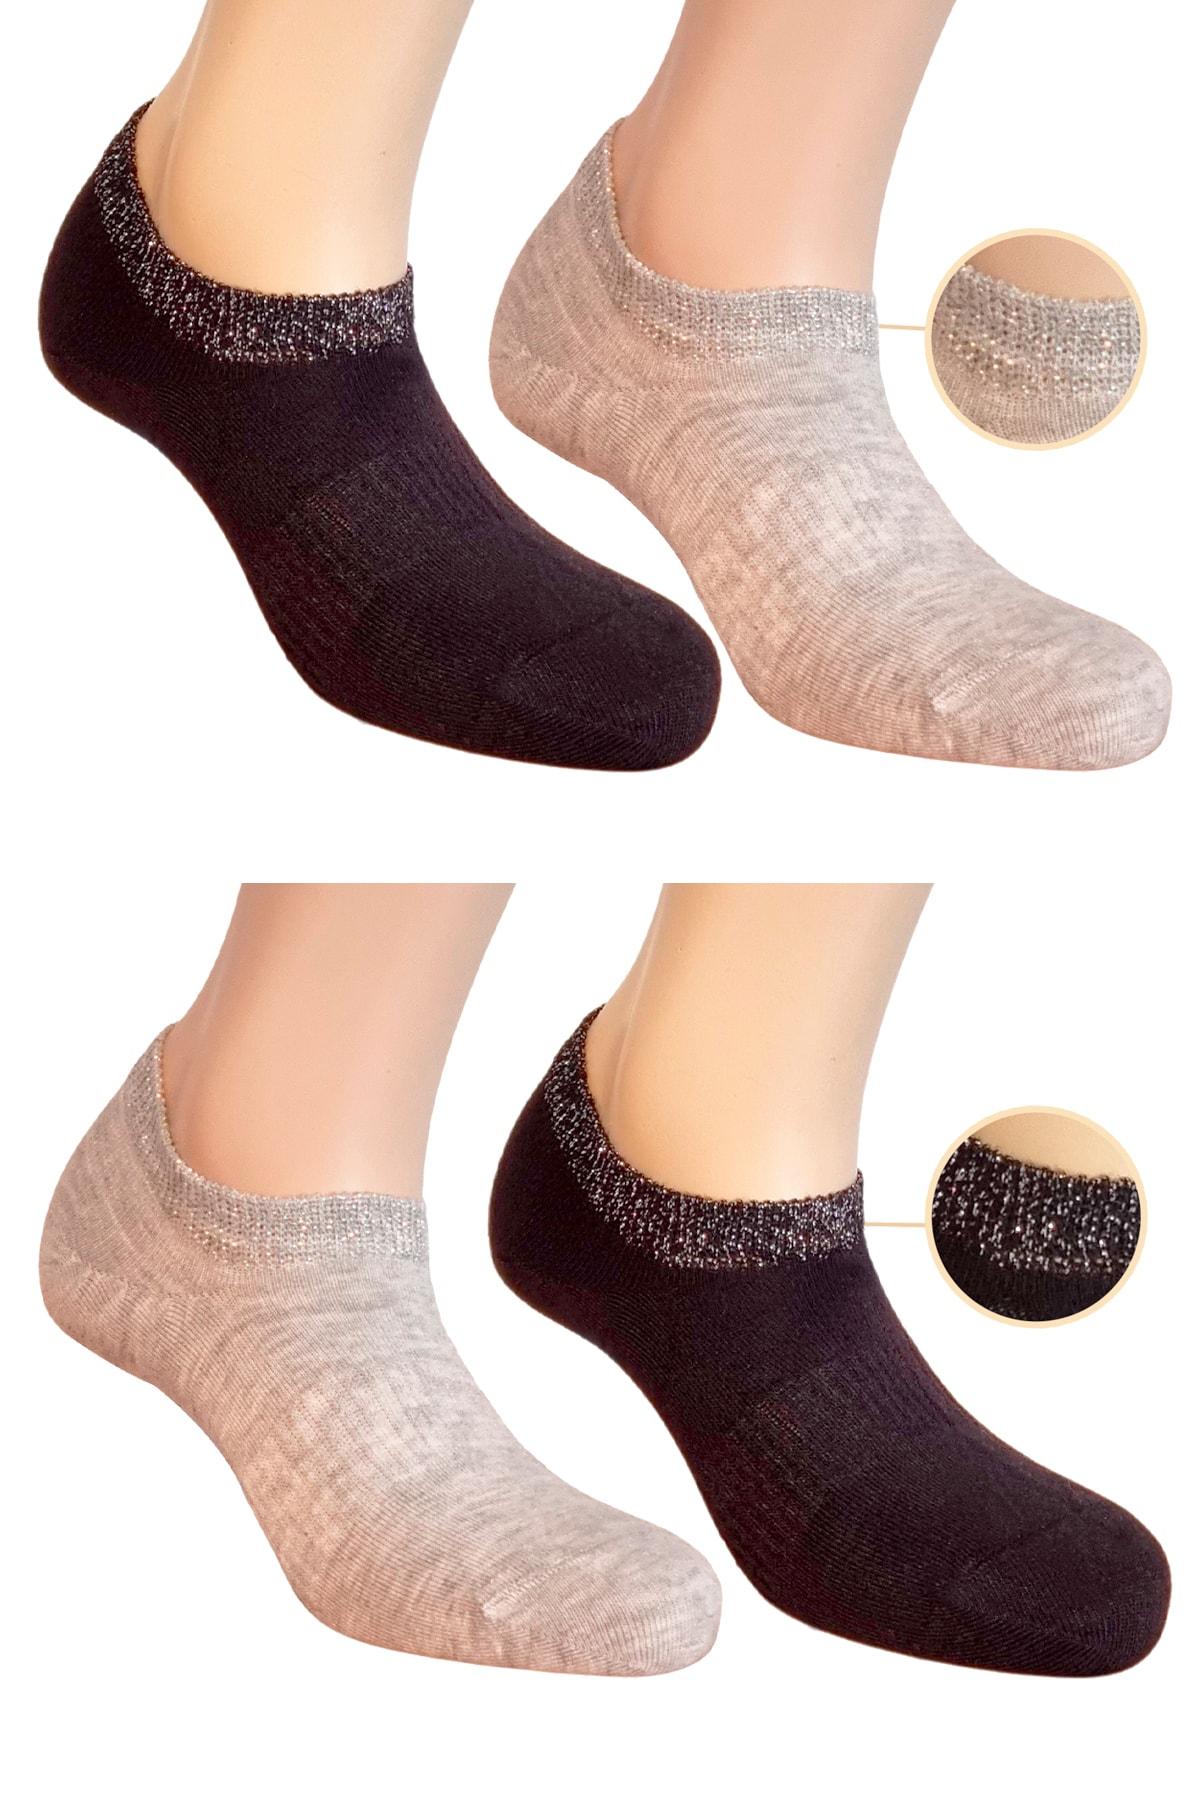 FandD 4'lü Simli Kadın Bambu Çorap Patik 200 Iğne Dikişsiz Burun 1